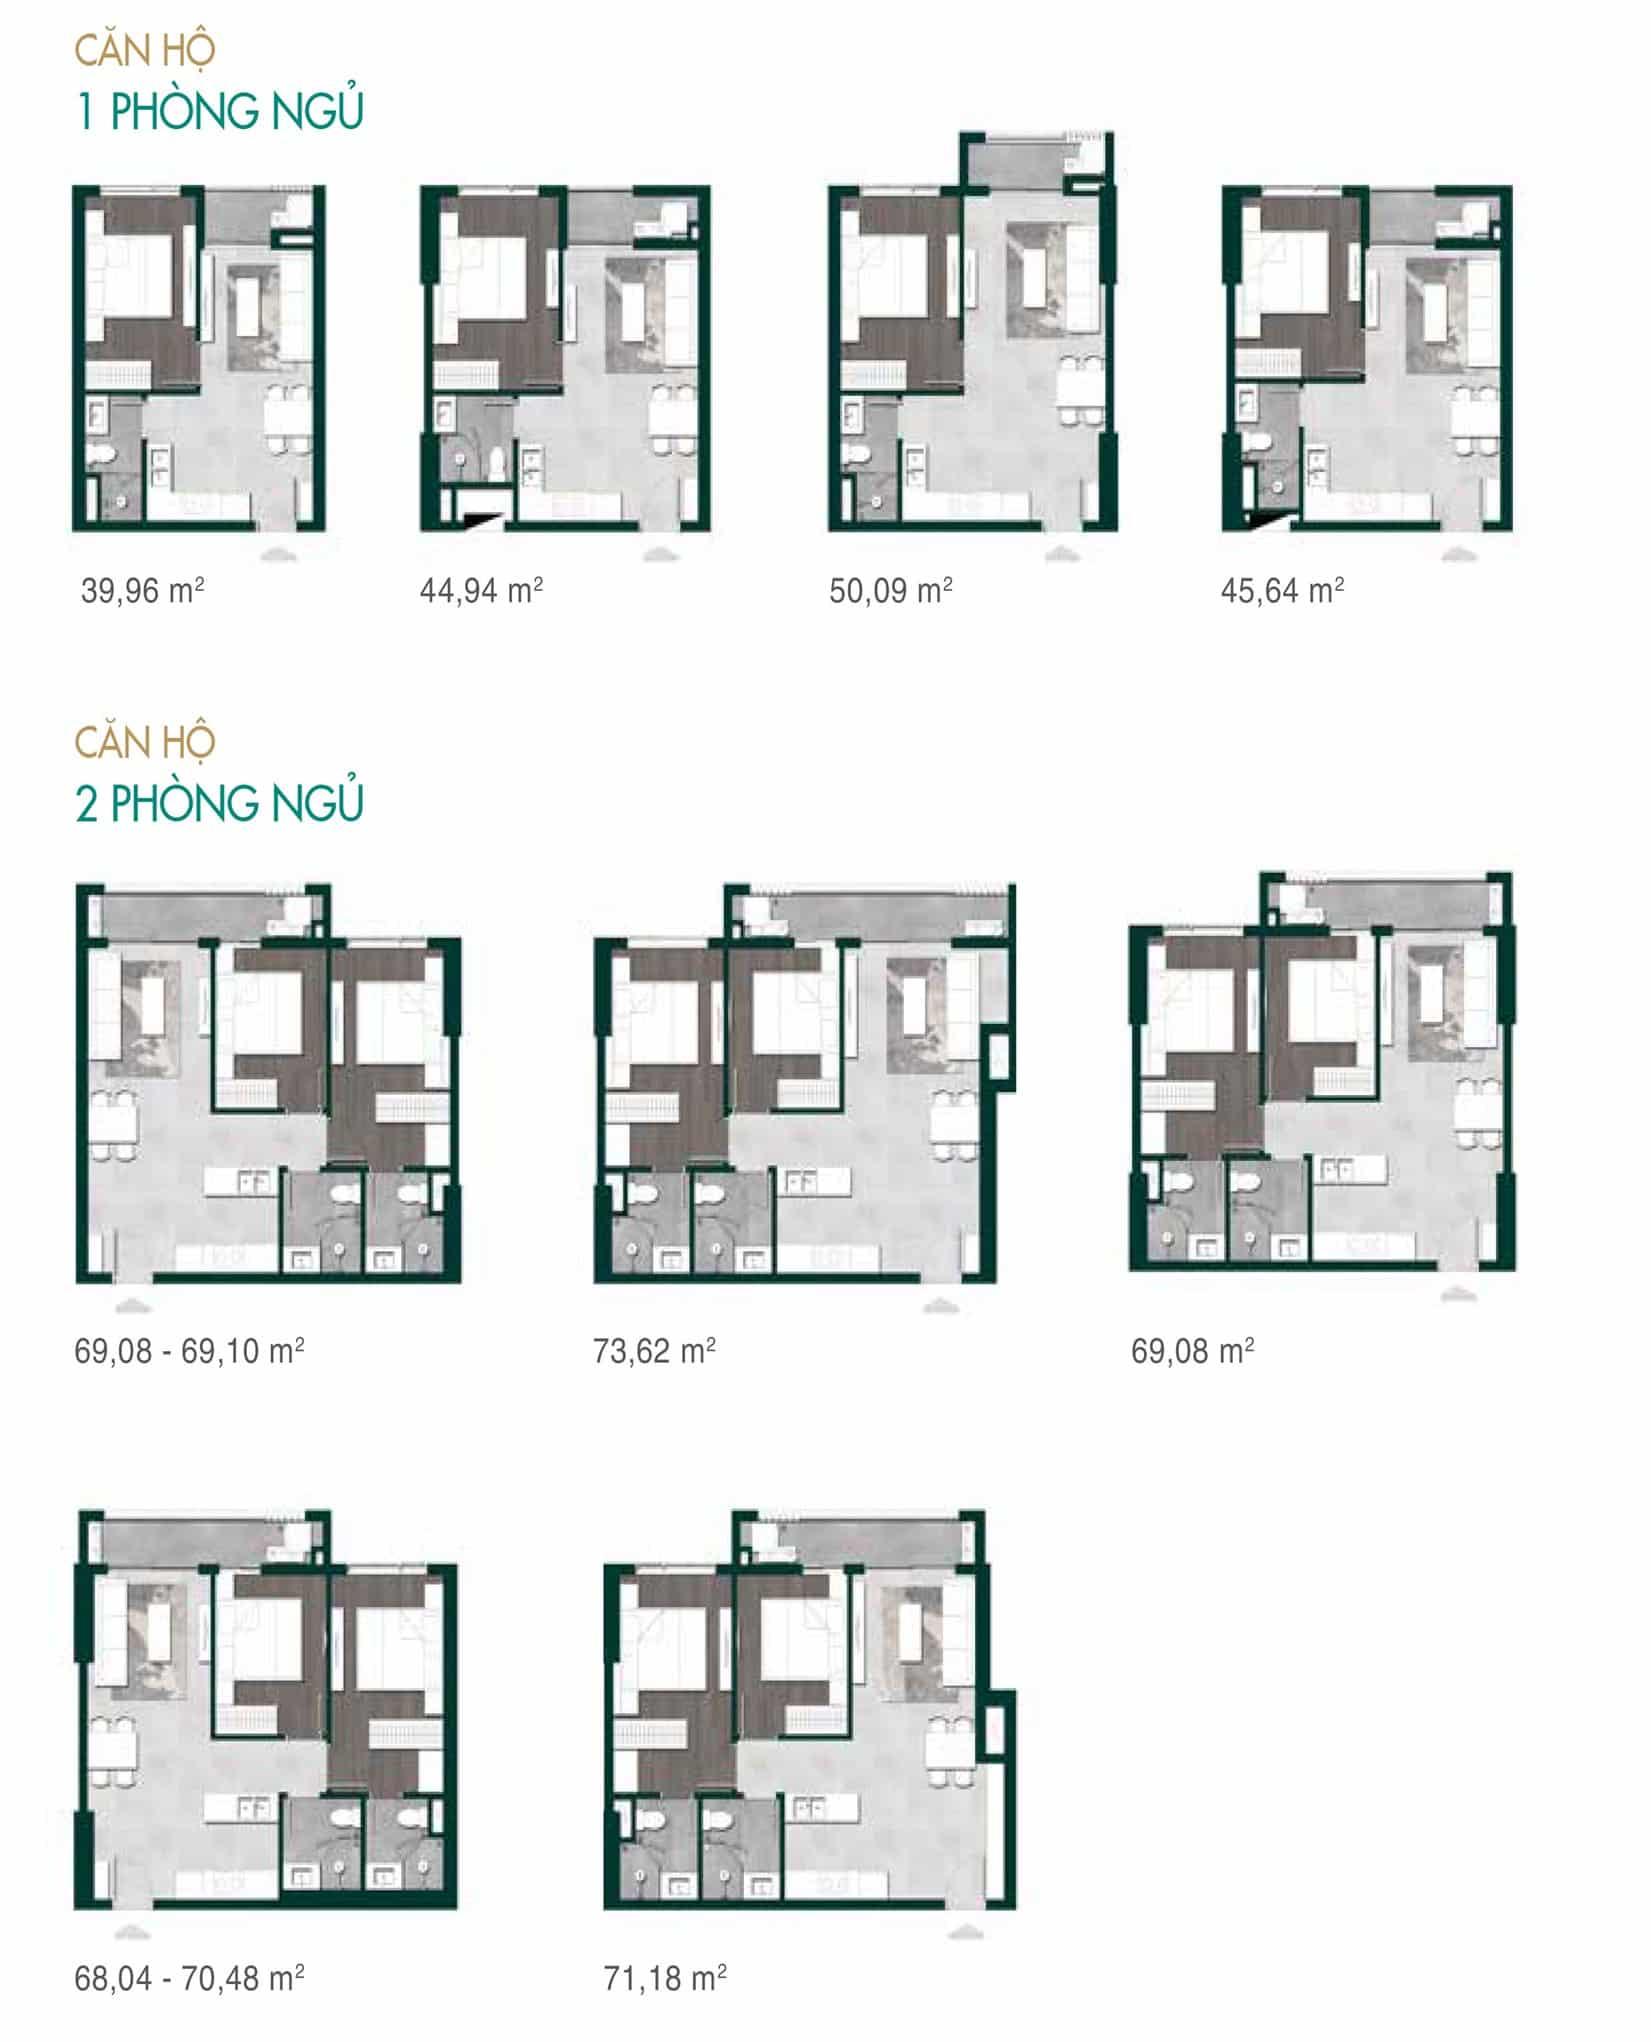 Bản vẽ thiết kế căn hộ 1 và 2 phòng ngủ dự án Lavita Thuận An Hưng Thịnh